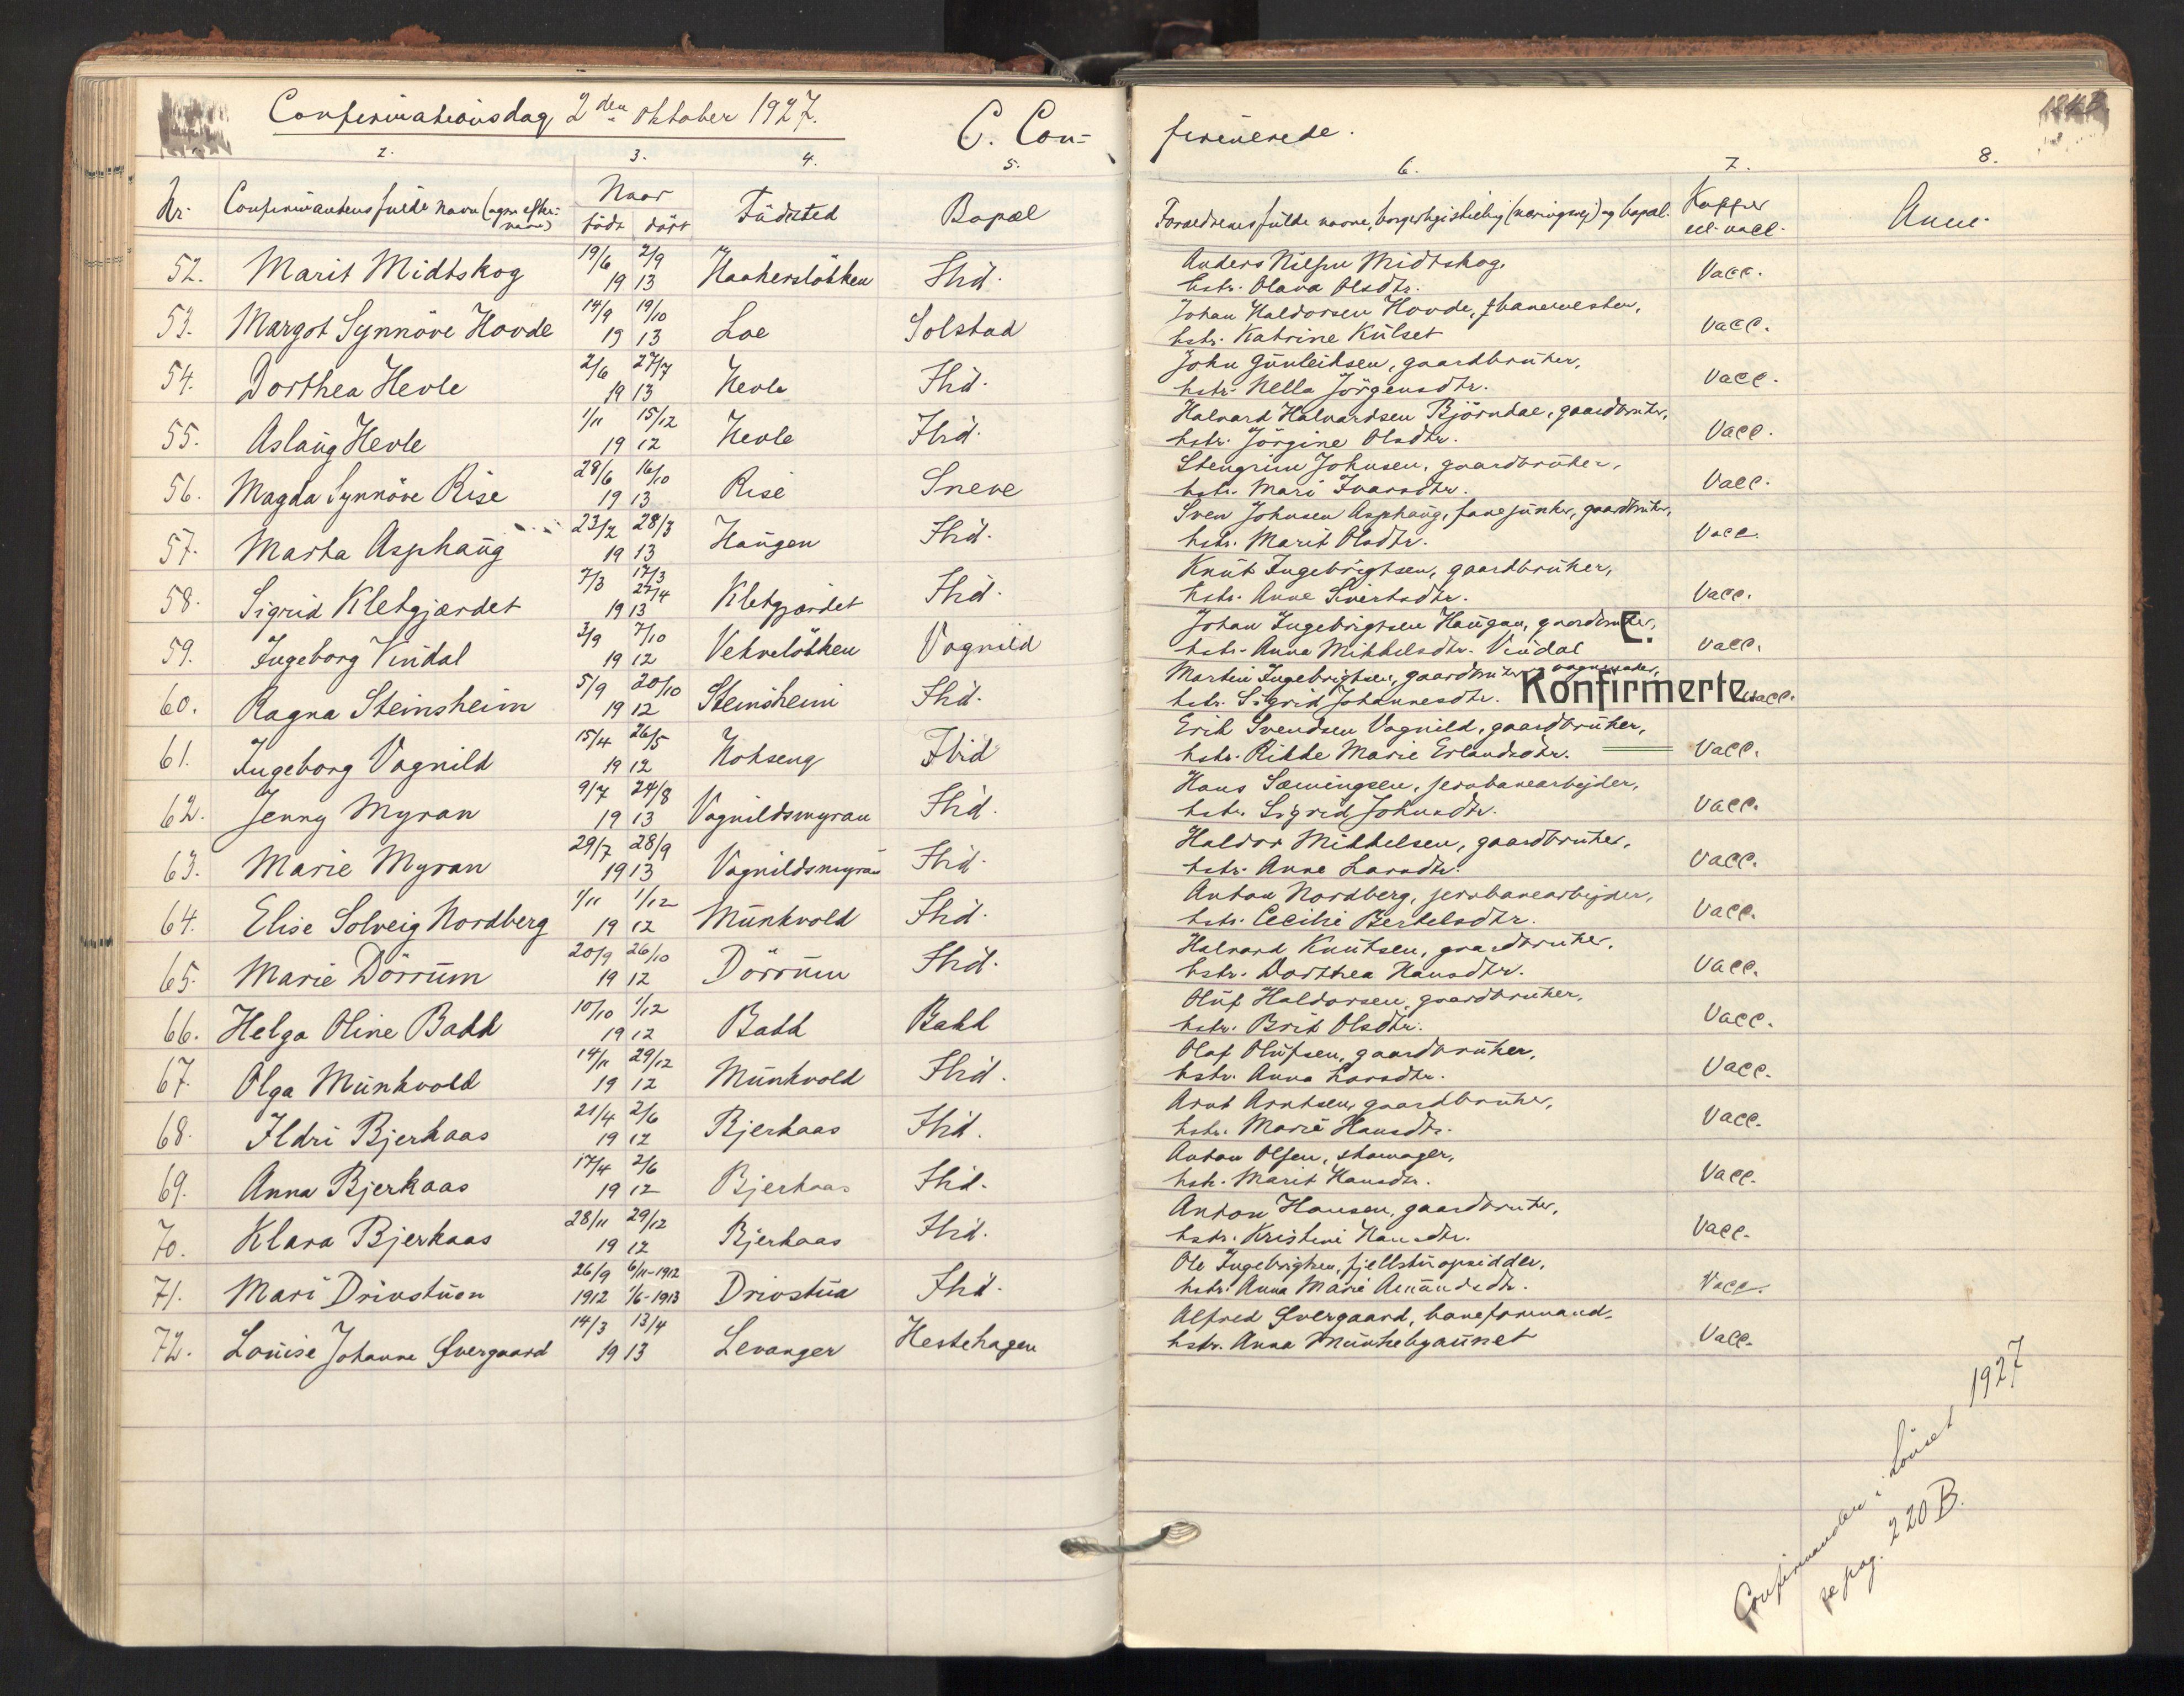 SAT, Ministerialprotokoller, klokkerbøker og fødselsregistre - Sør-Trøndelag, 678/L0909: Ministerialbok nr. 678A17, 1912-1930